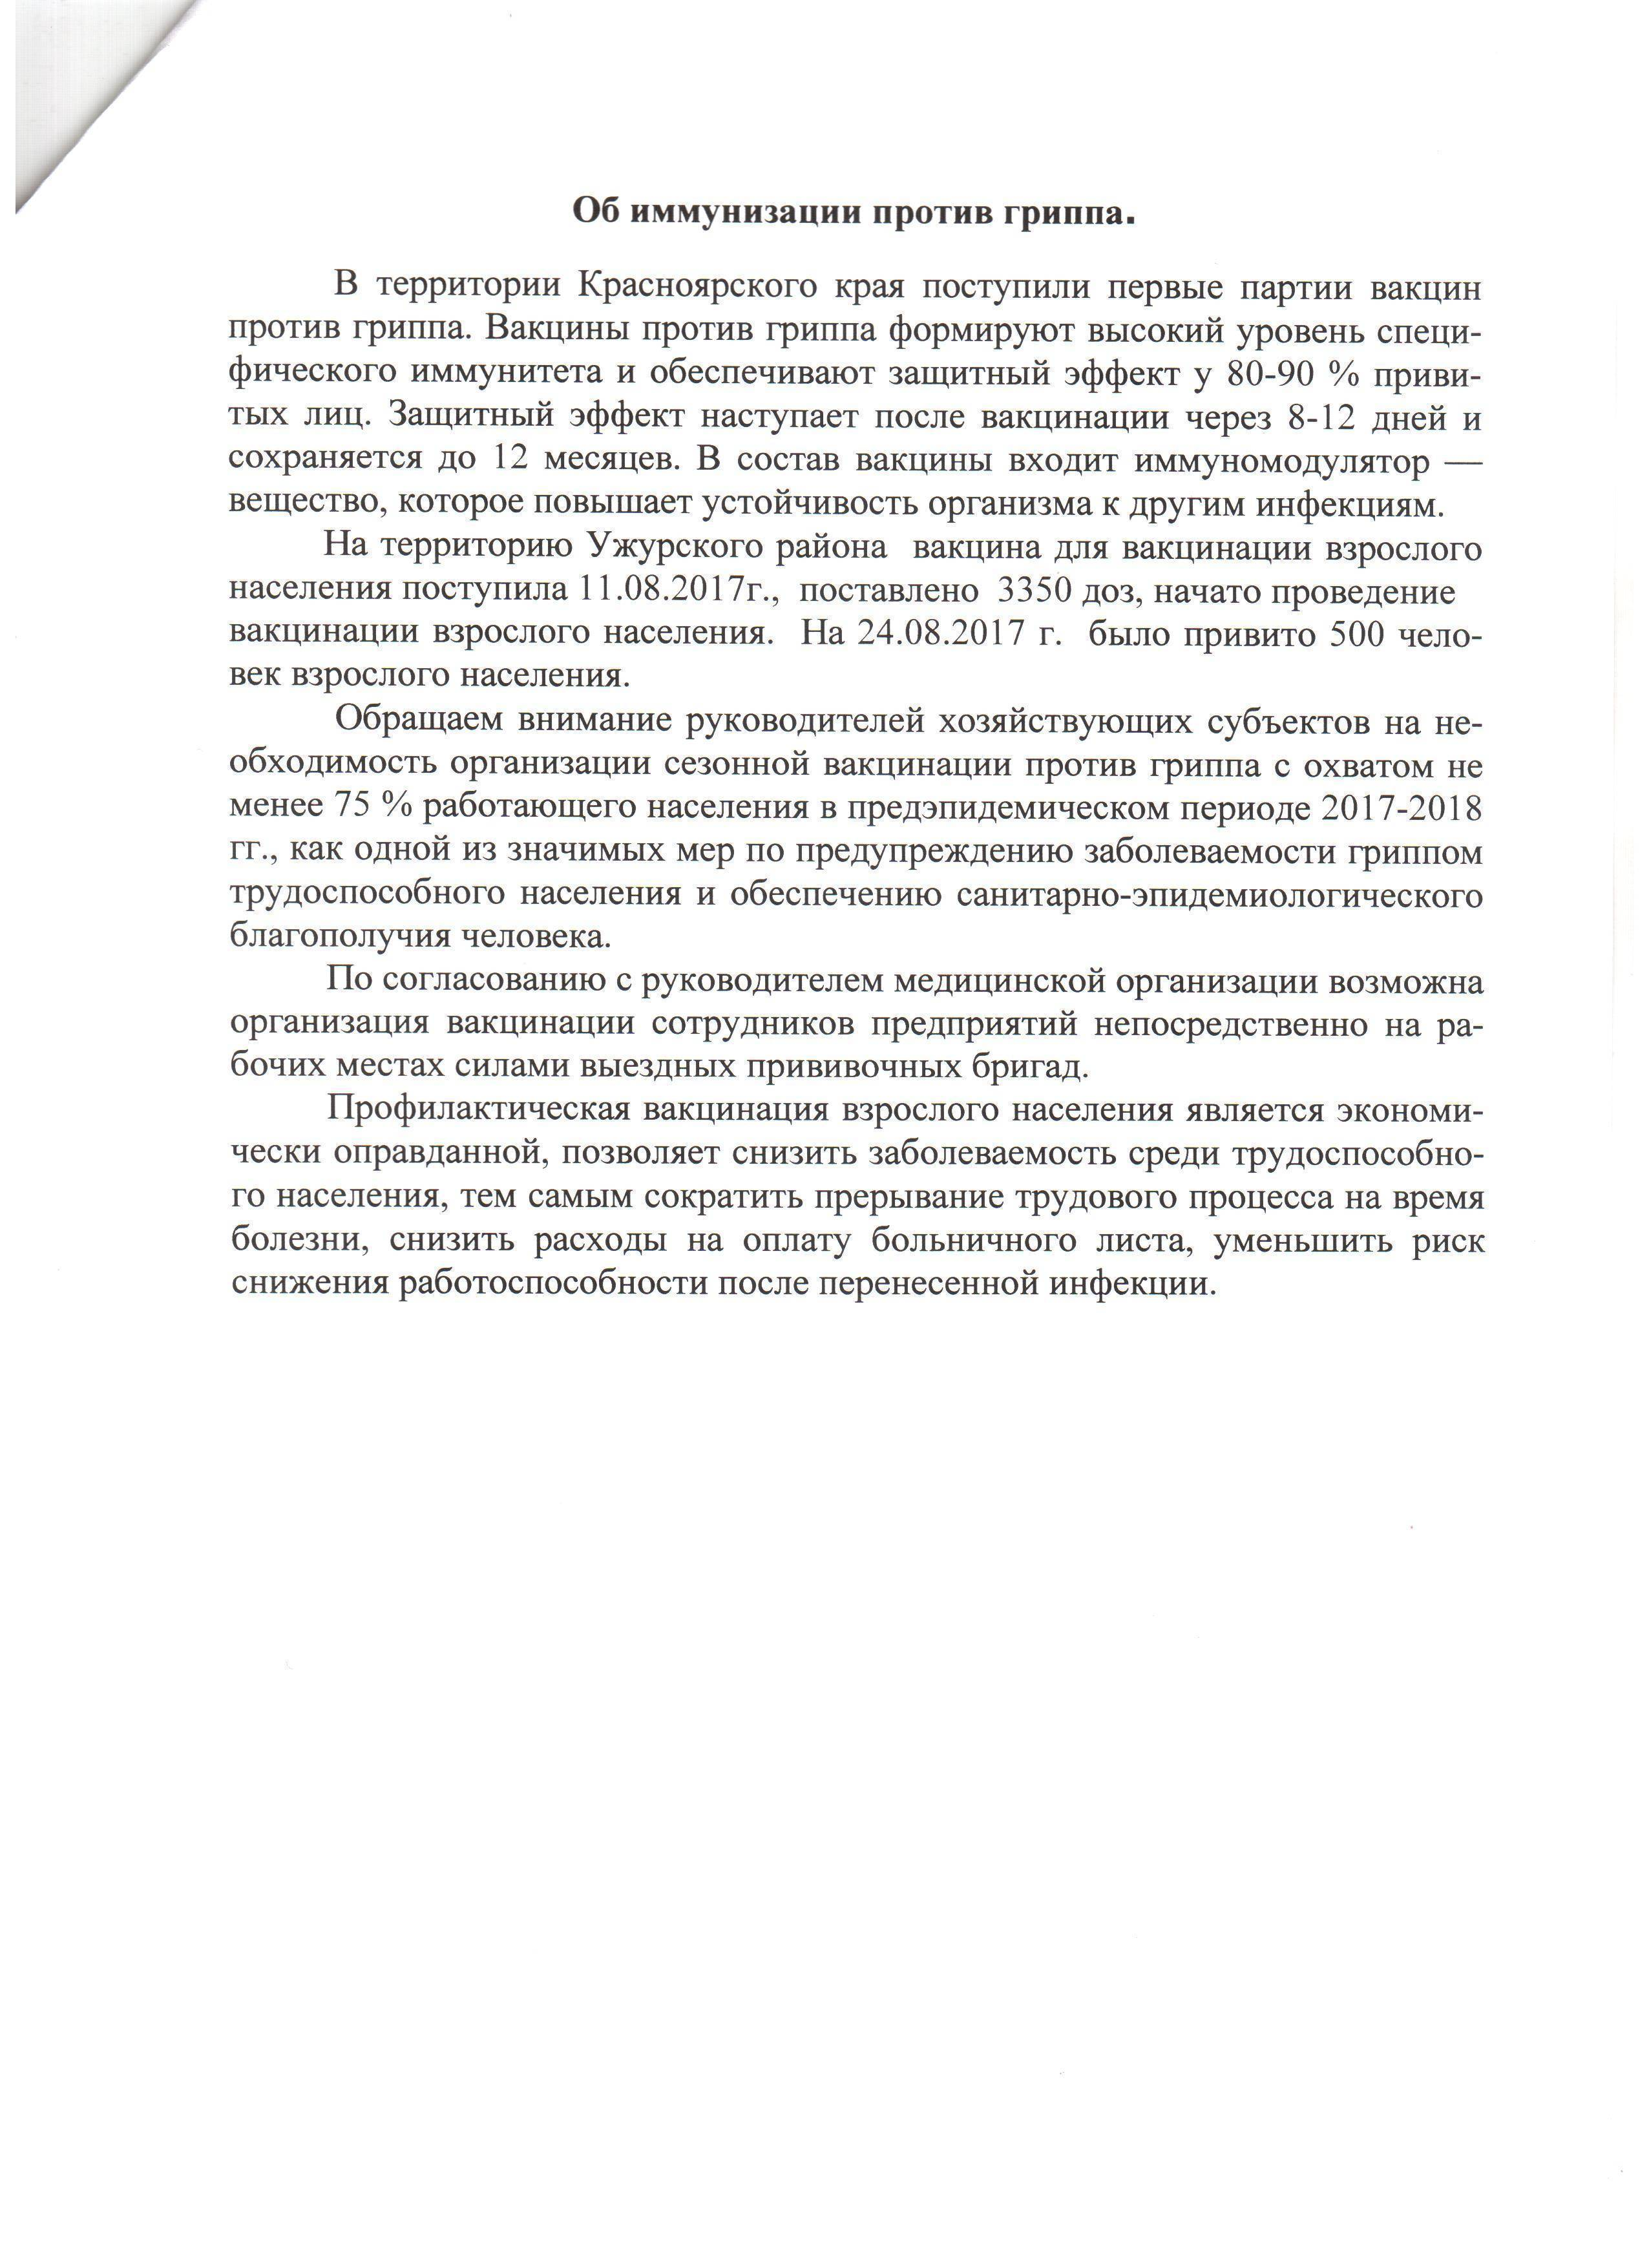 Клещи в красноярске 2019 году